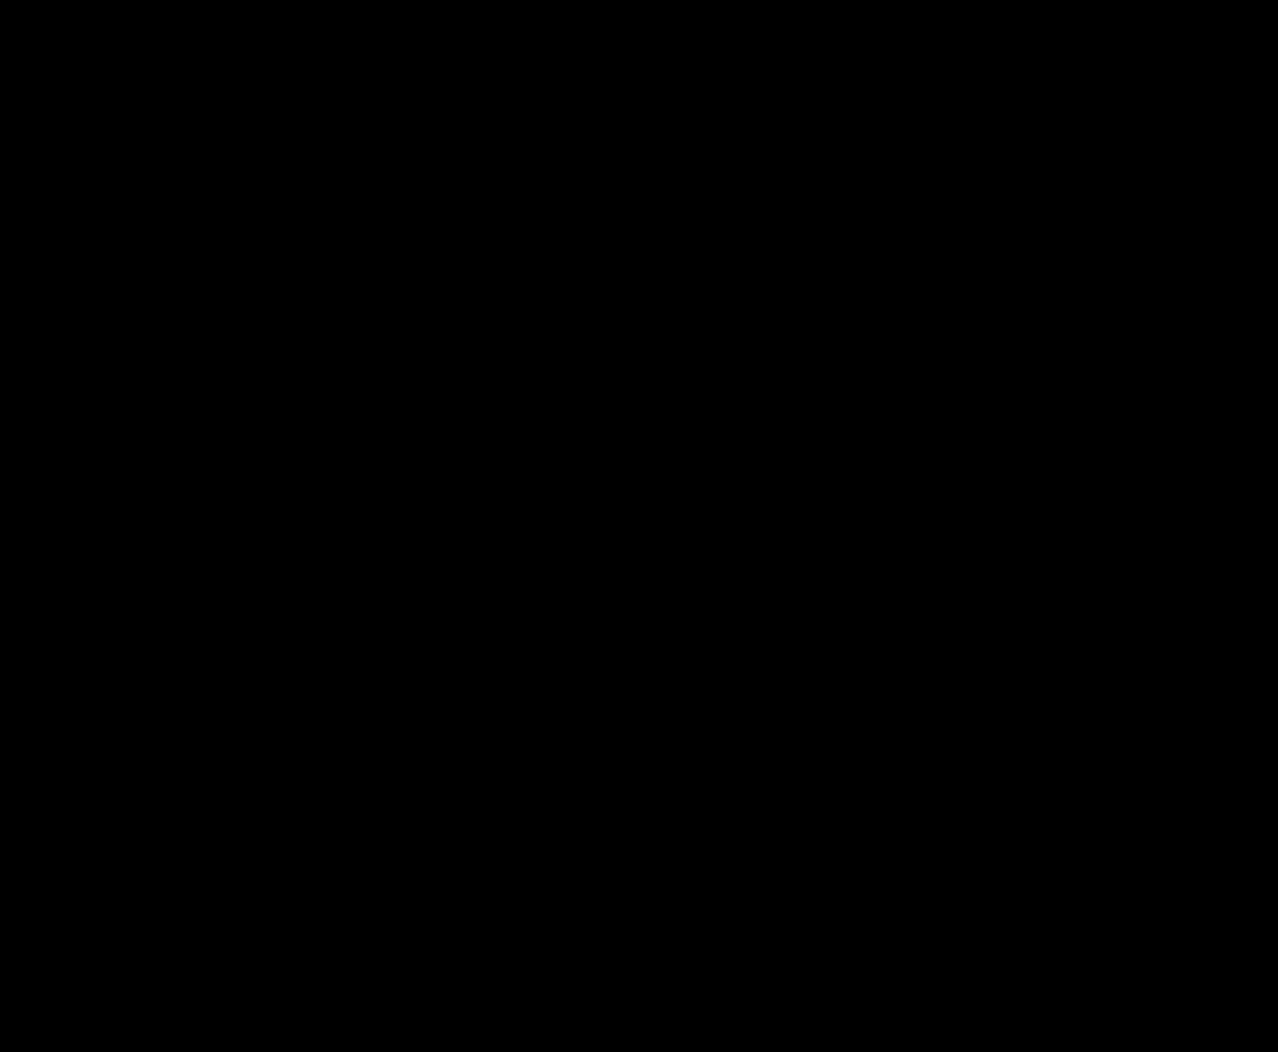 2-Fluoro-3-(methoxycarbonylmethyl)benzeneboronic acid pinacol ester